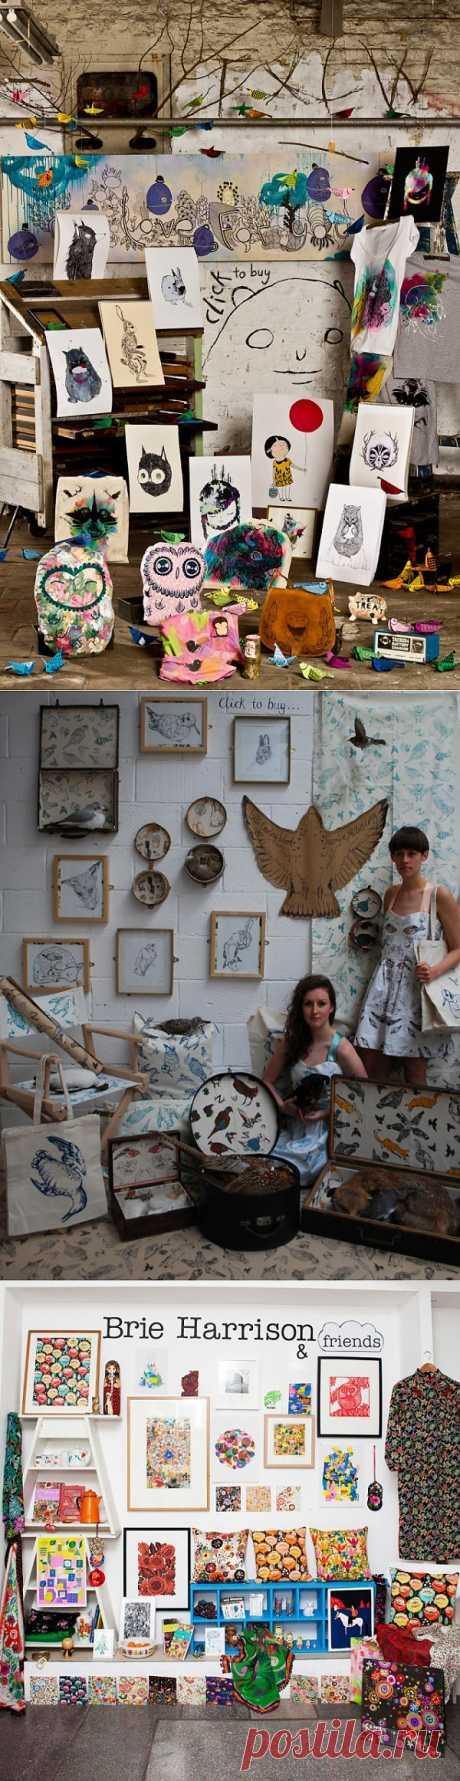 Немного фантазии / Городская среда (граффити, снеговики, ets) / Модный сайт о стильной переделке одежды и интерьера